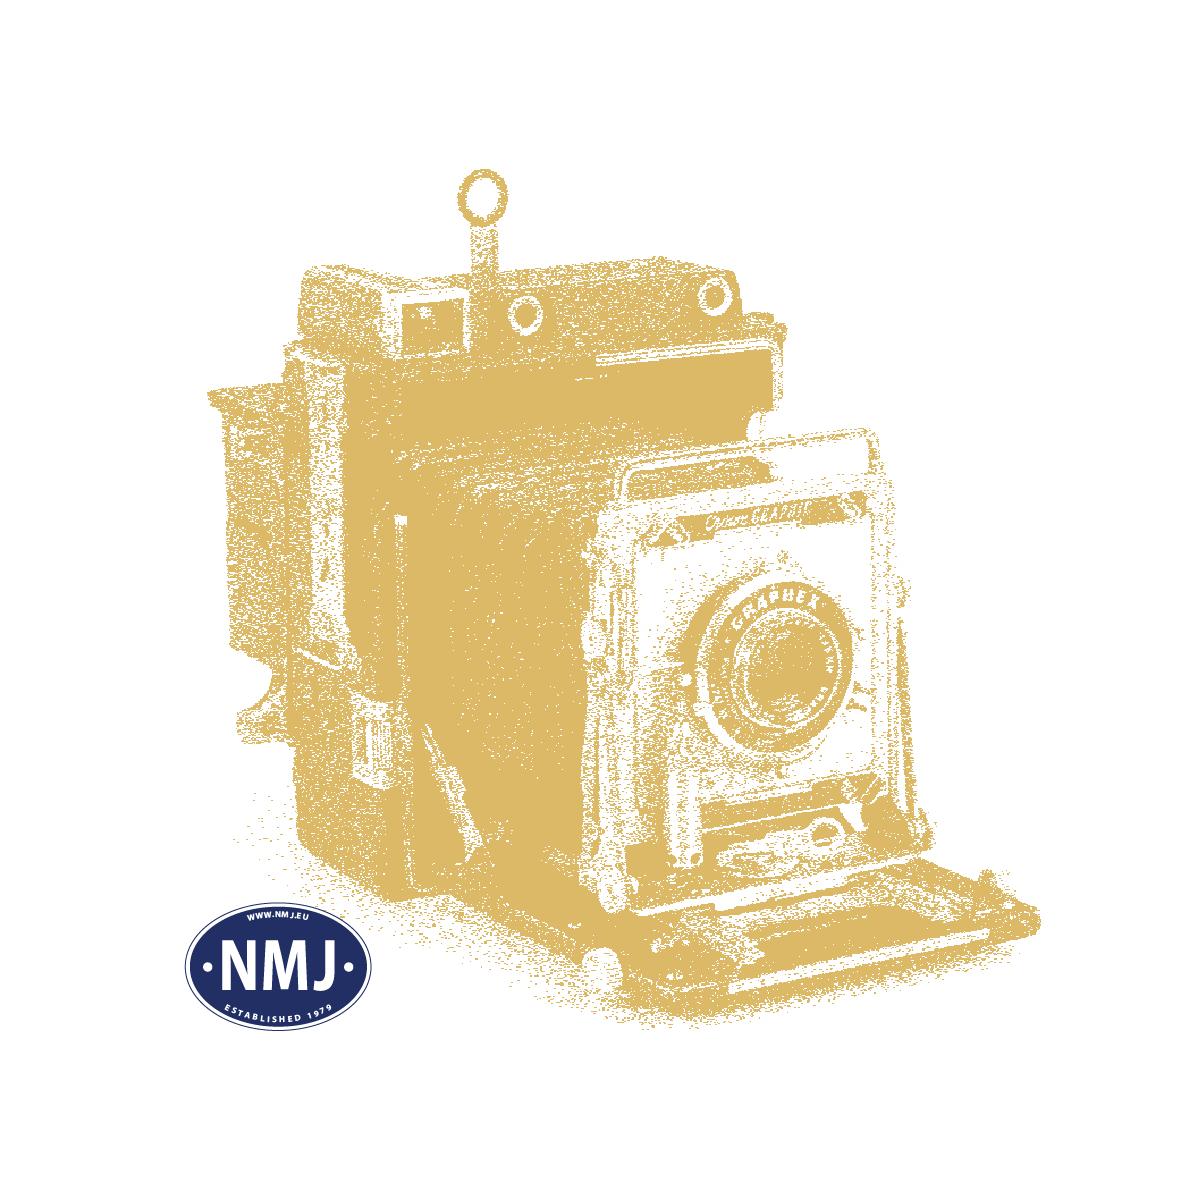 Superline Vogner, NMJ-Superline.NSB-Fb.6018034-0-Type2-Messing-handarbeidsmodell-HO, NMJSFb8034